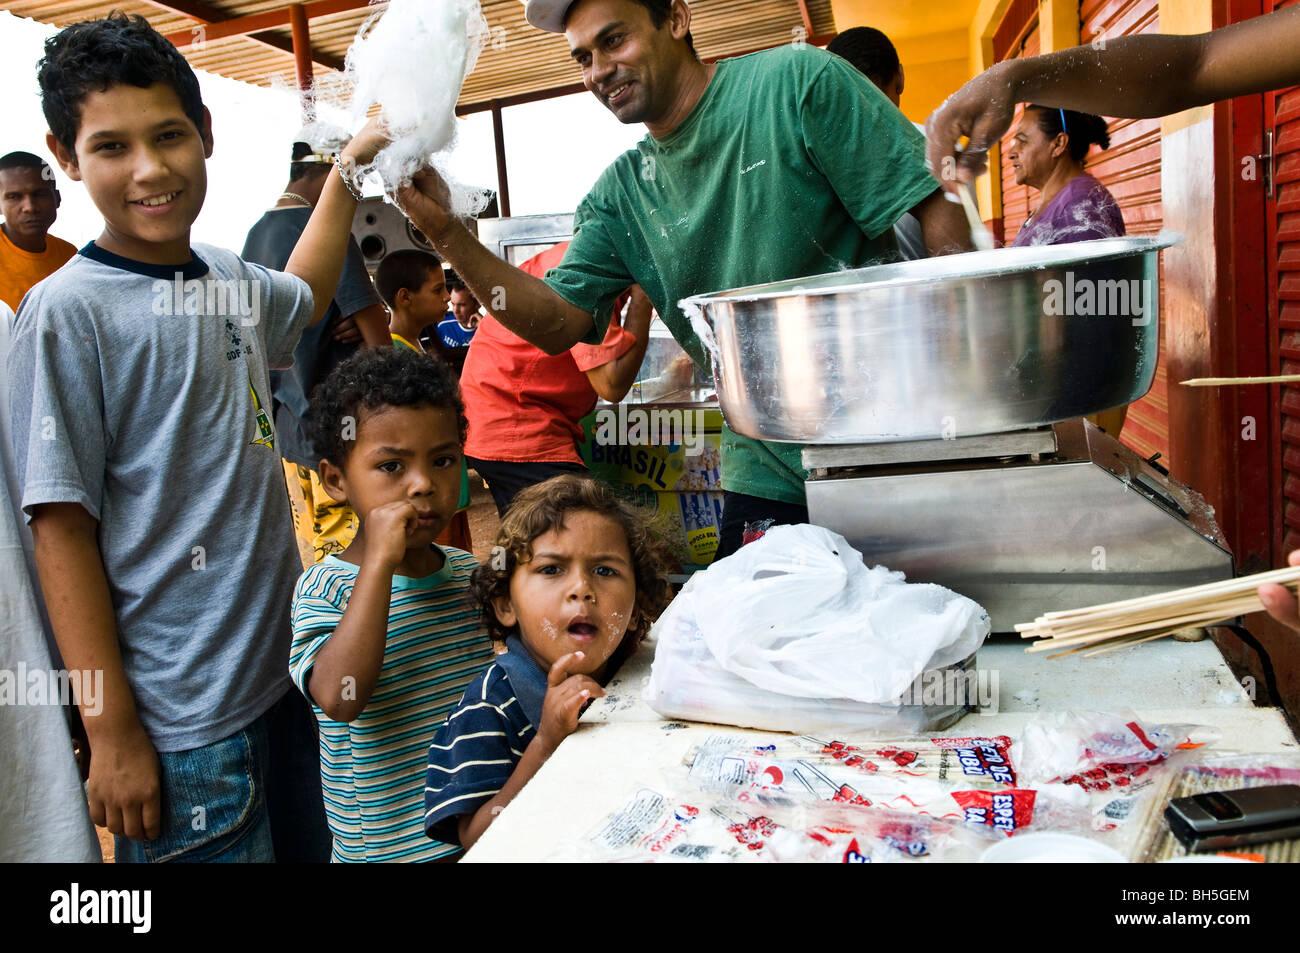 Les enfants bénéficient d'une sucre coton candy dans un quartier pauvre au Brésil. Banque D'Images